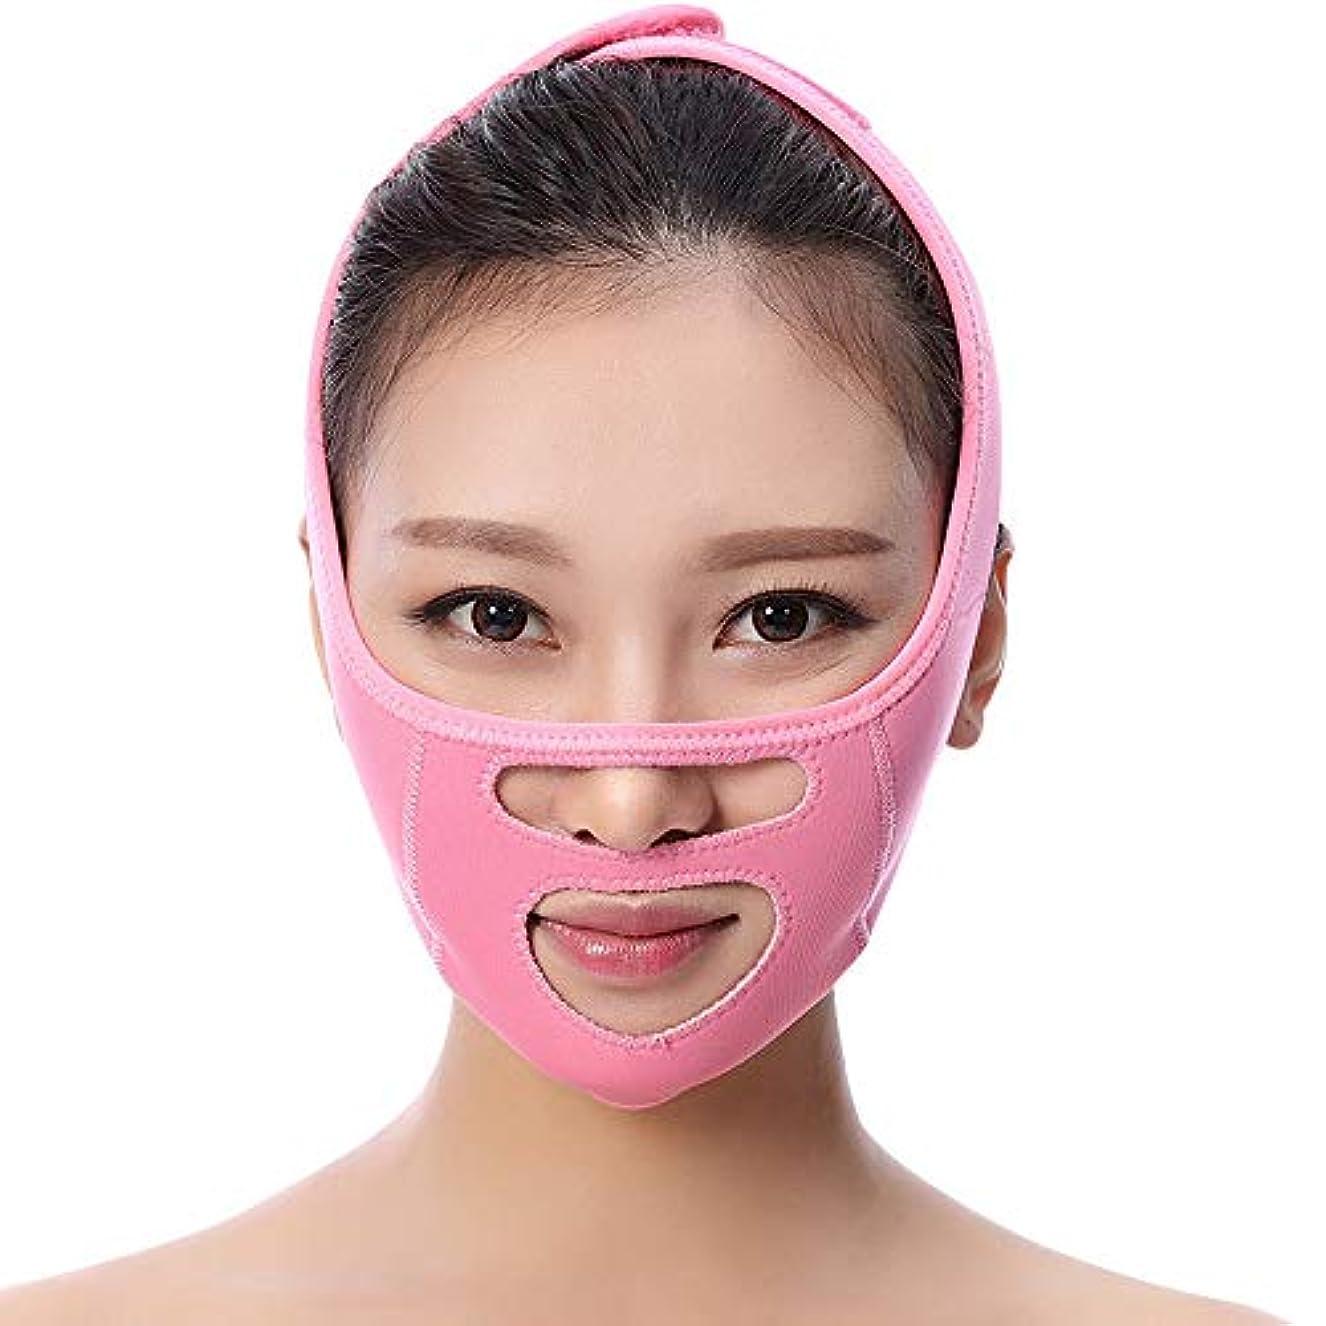 国説明的句読点フェイスリフトマスク、睡眠薄型フェイスベルトリフティングパーマネントビューティーvフェイスバンデージダブルチンアーチファクト,Pink